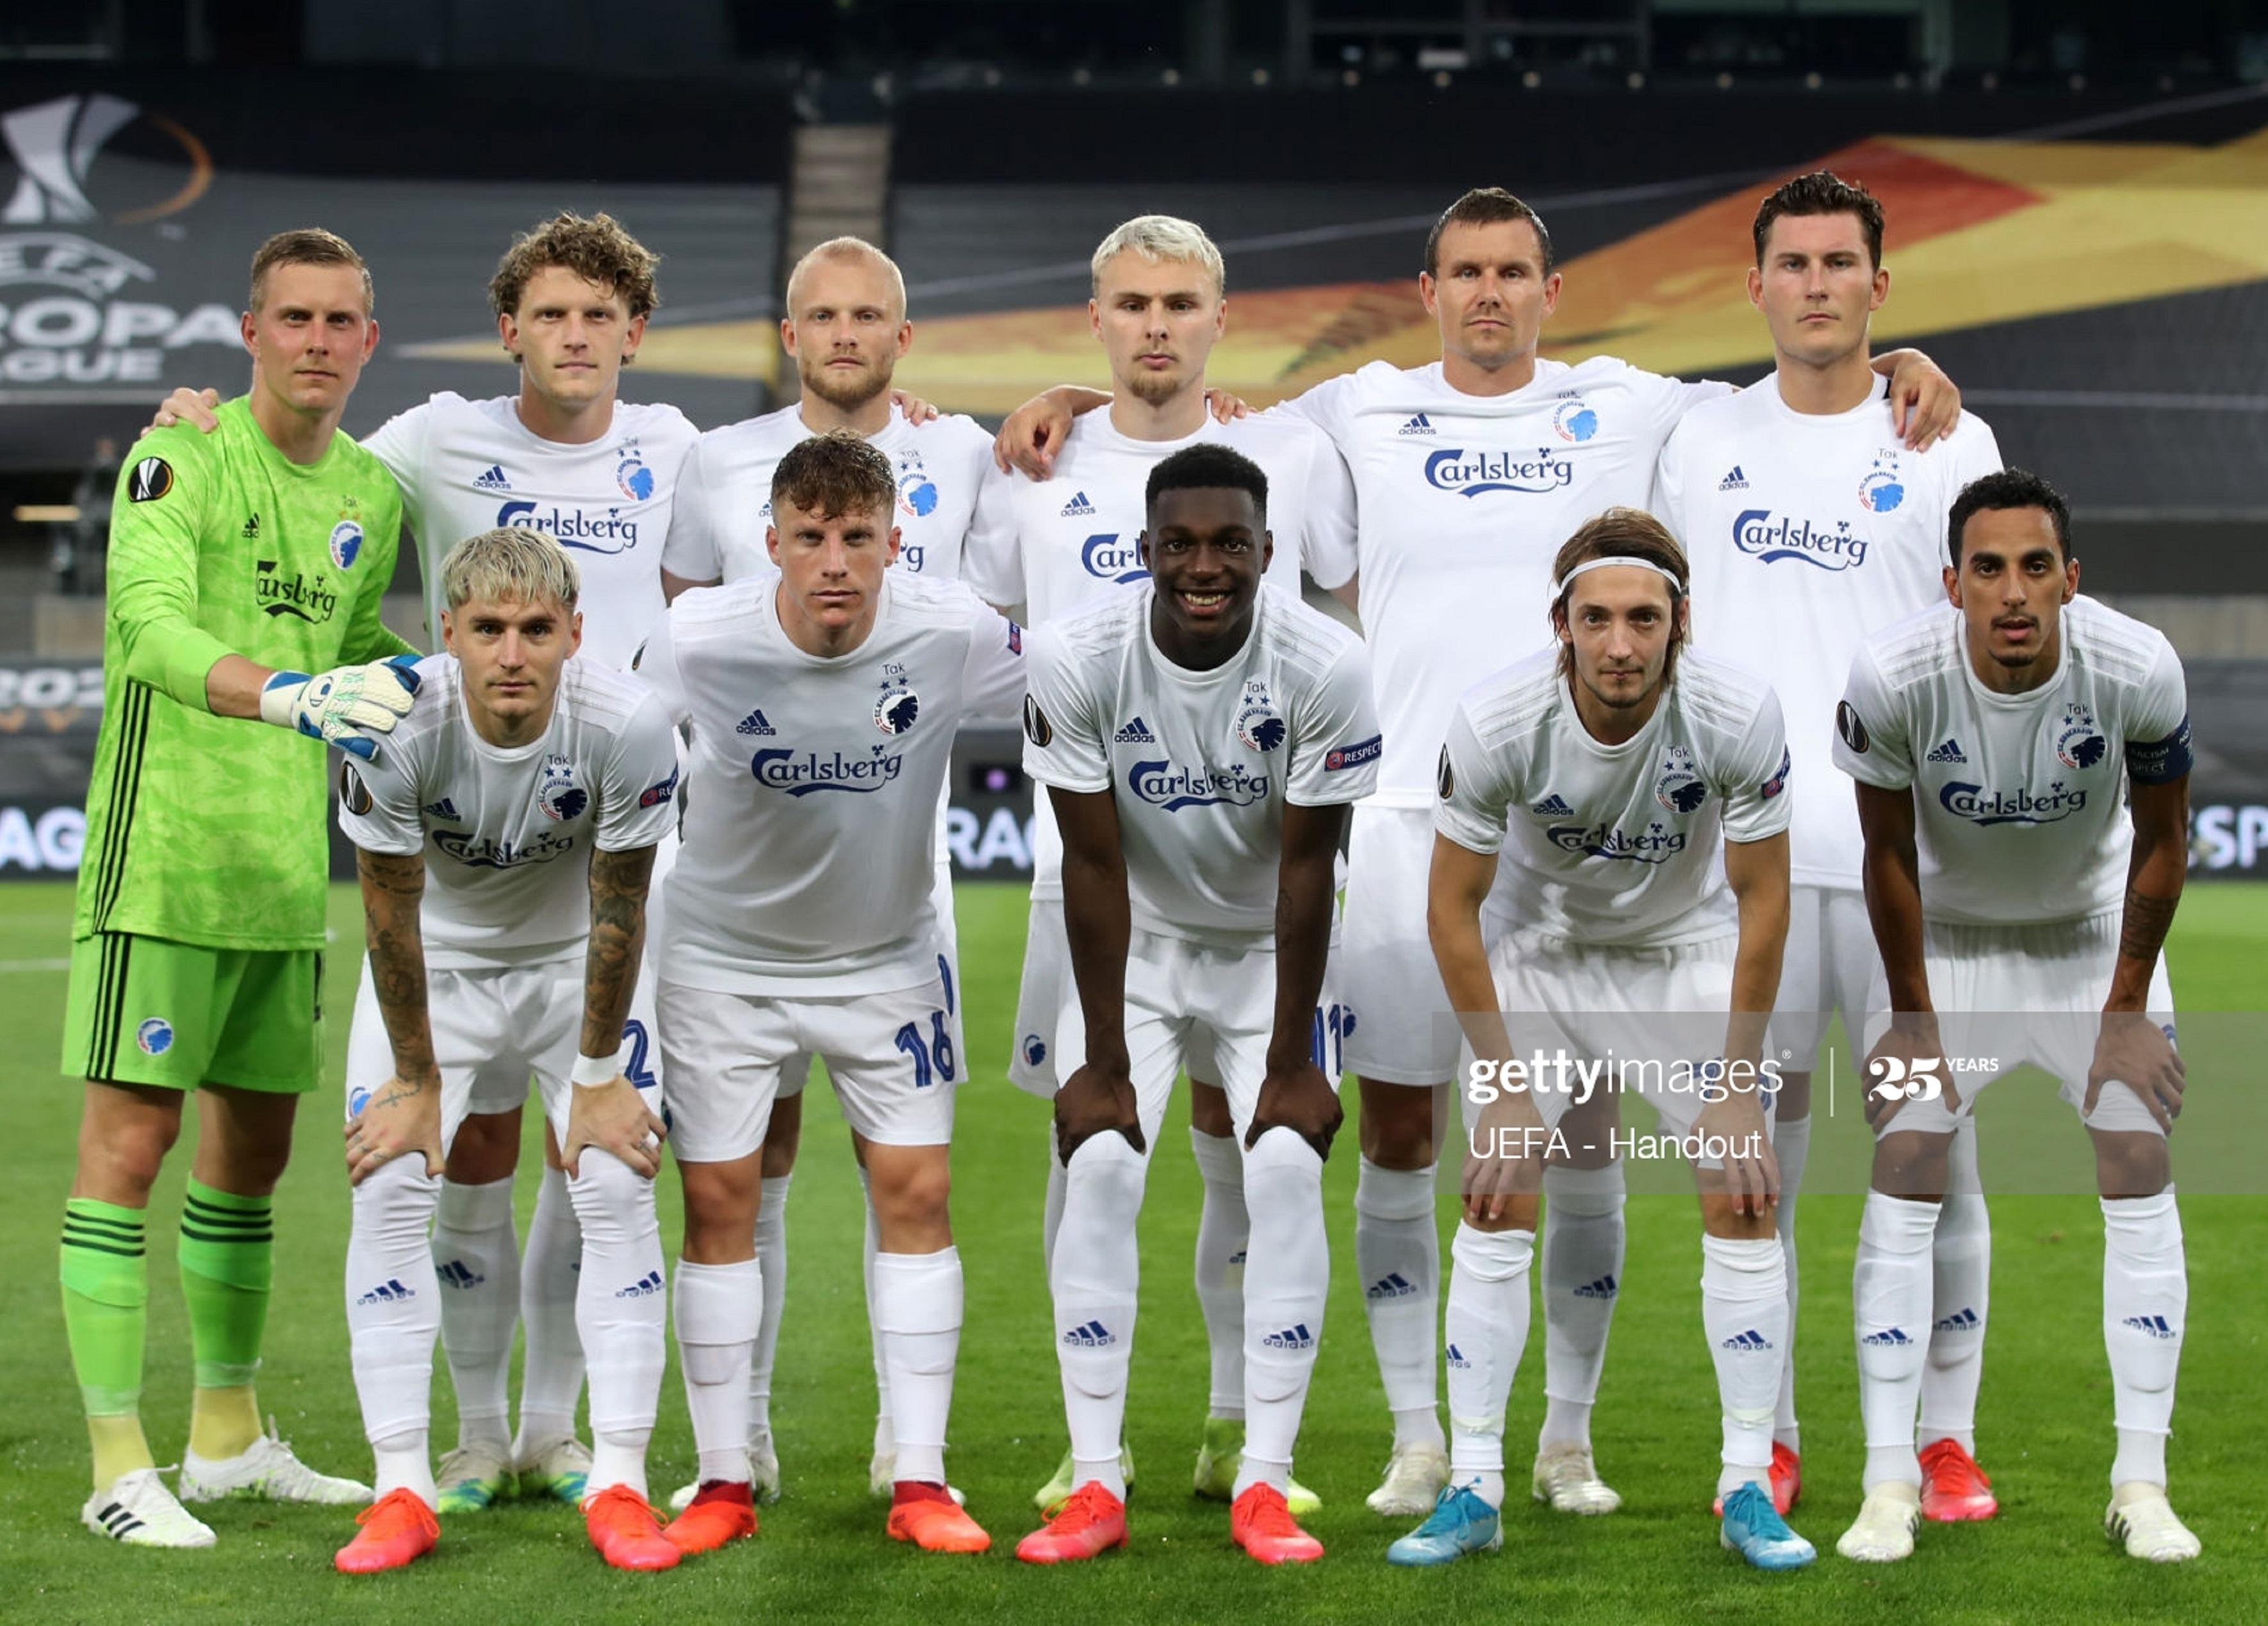 Манчестер Юнайтед (Англия) - Копенгаген (Дания) 1:0 д.в.